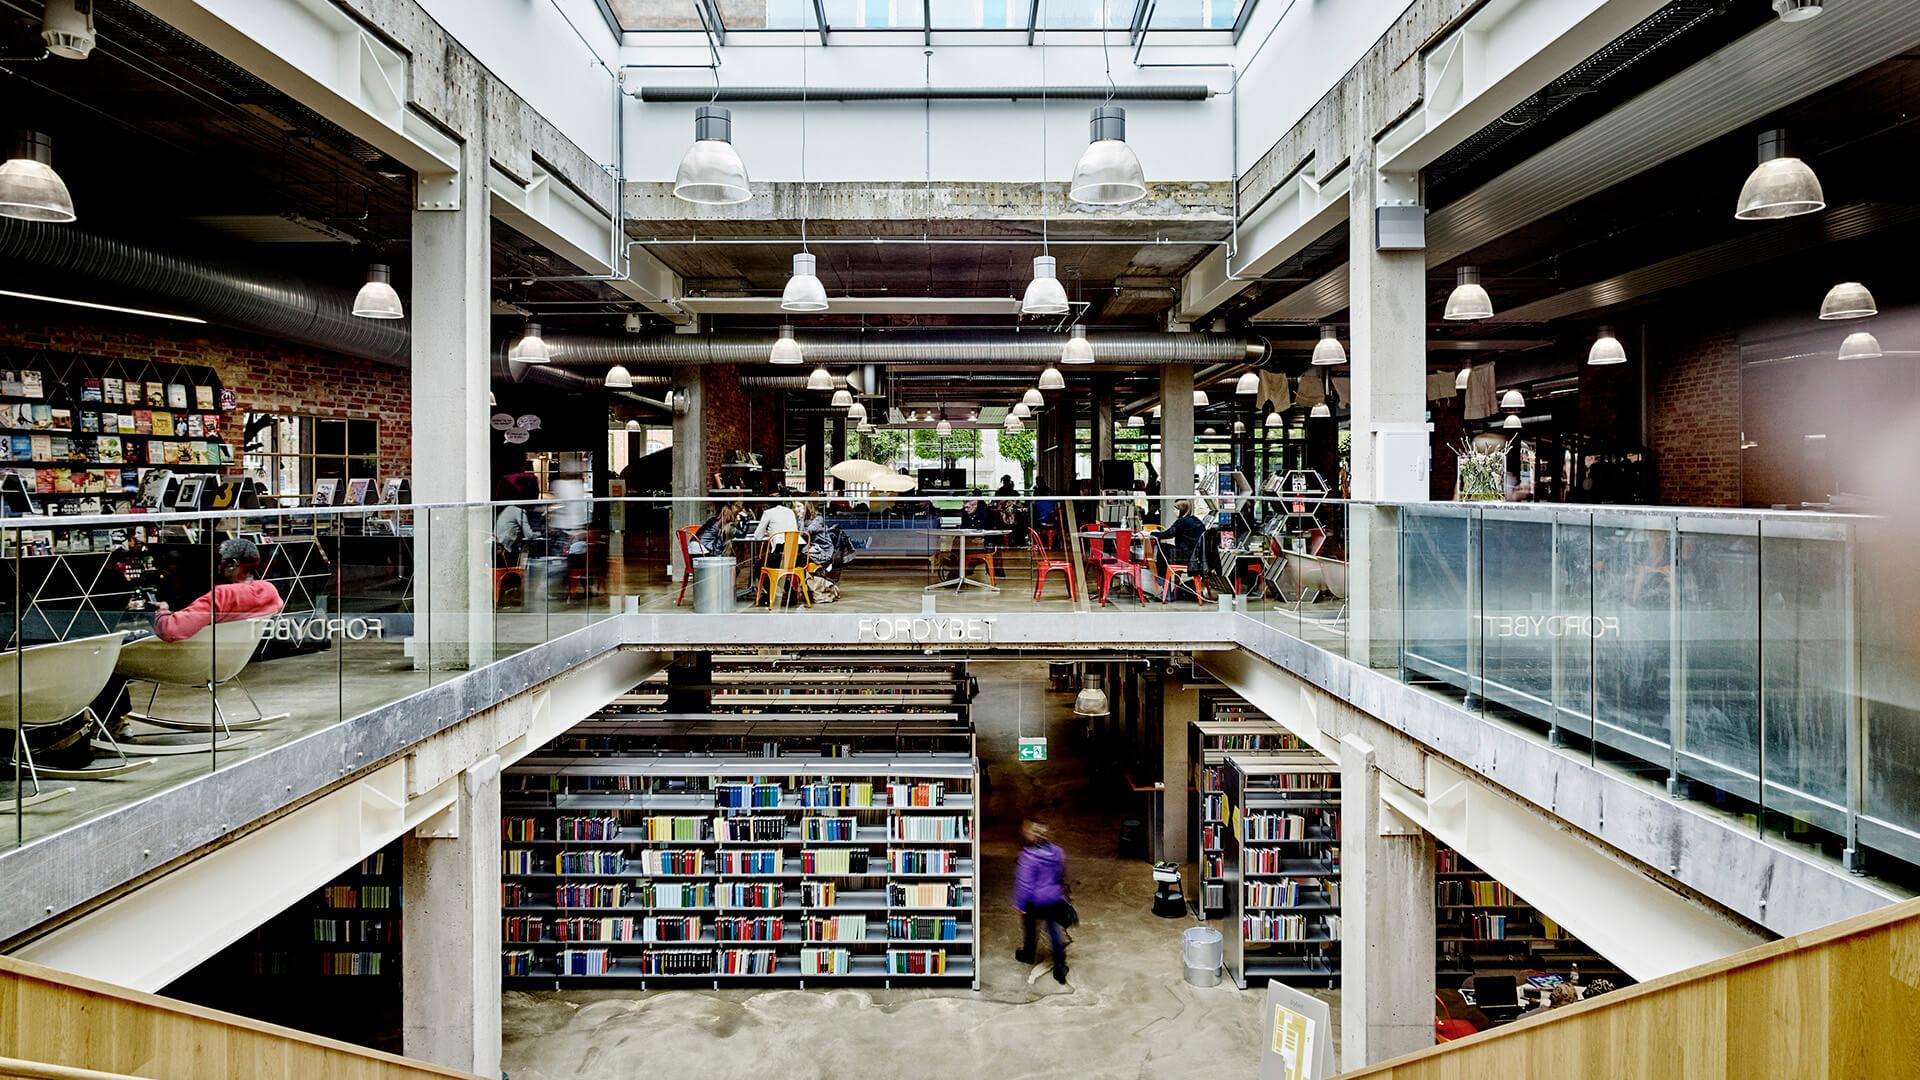 Herning Bibliotekerne, Dänemark. Foto von Marie Jeanne Smets